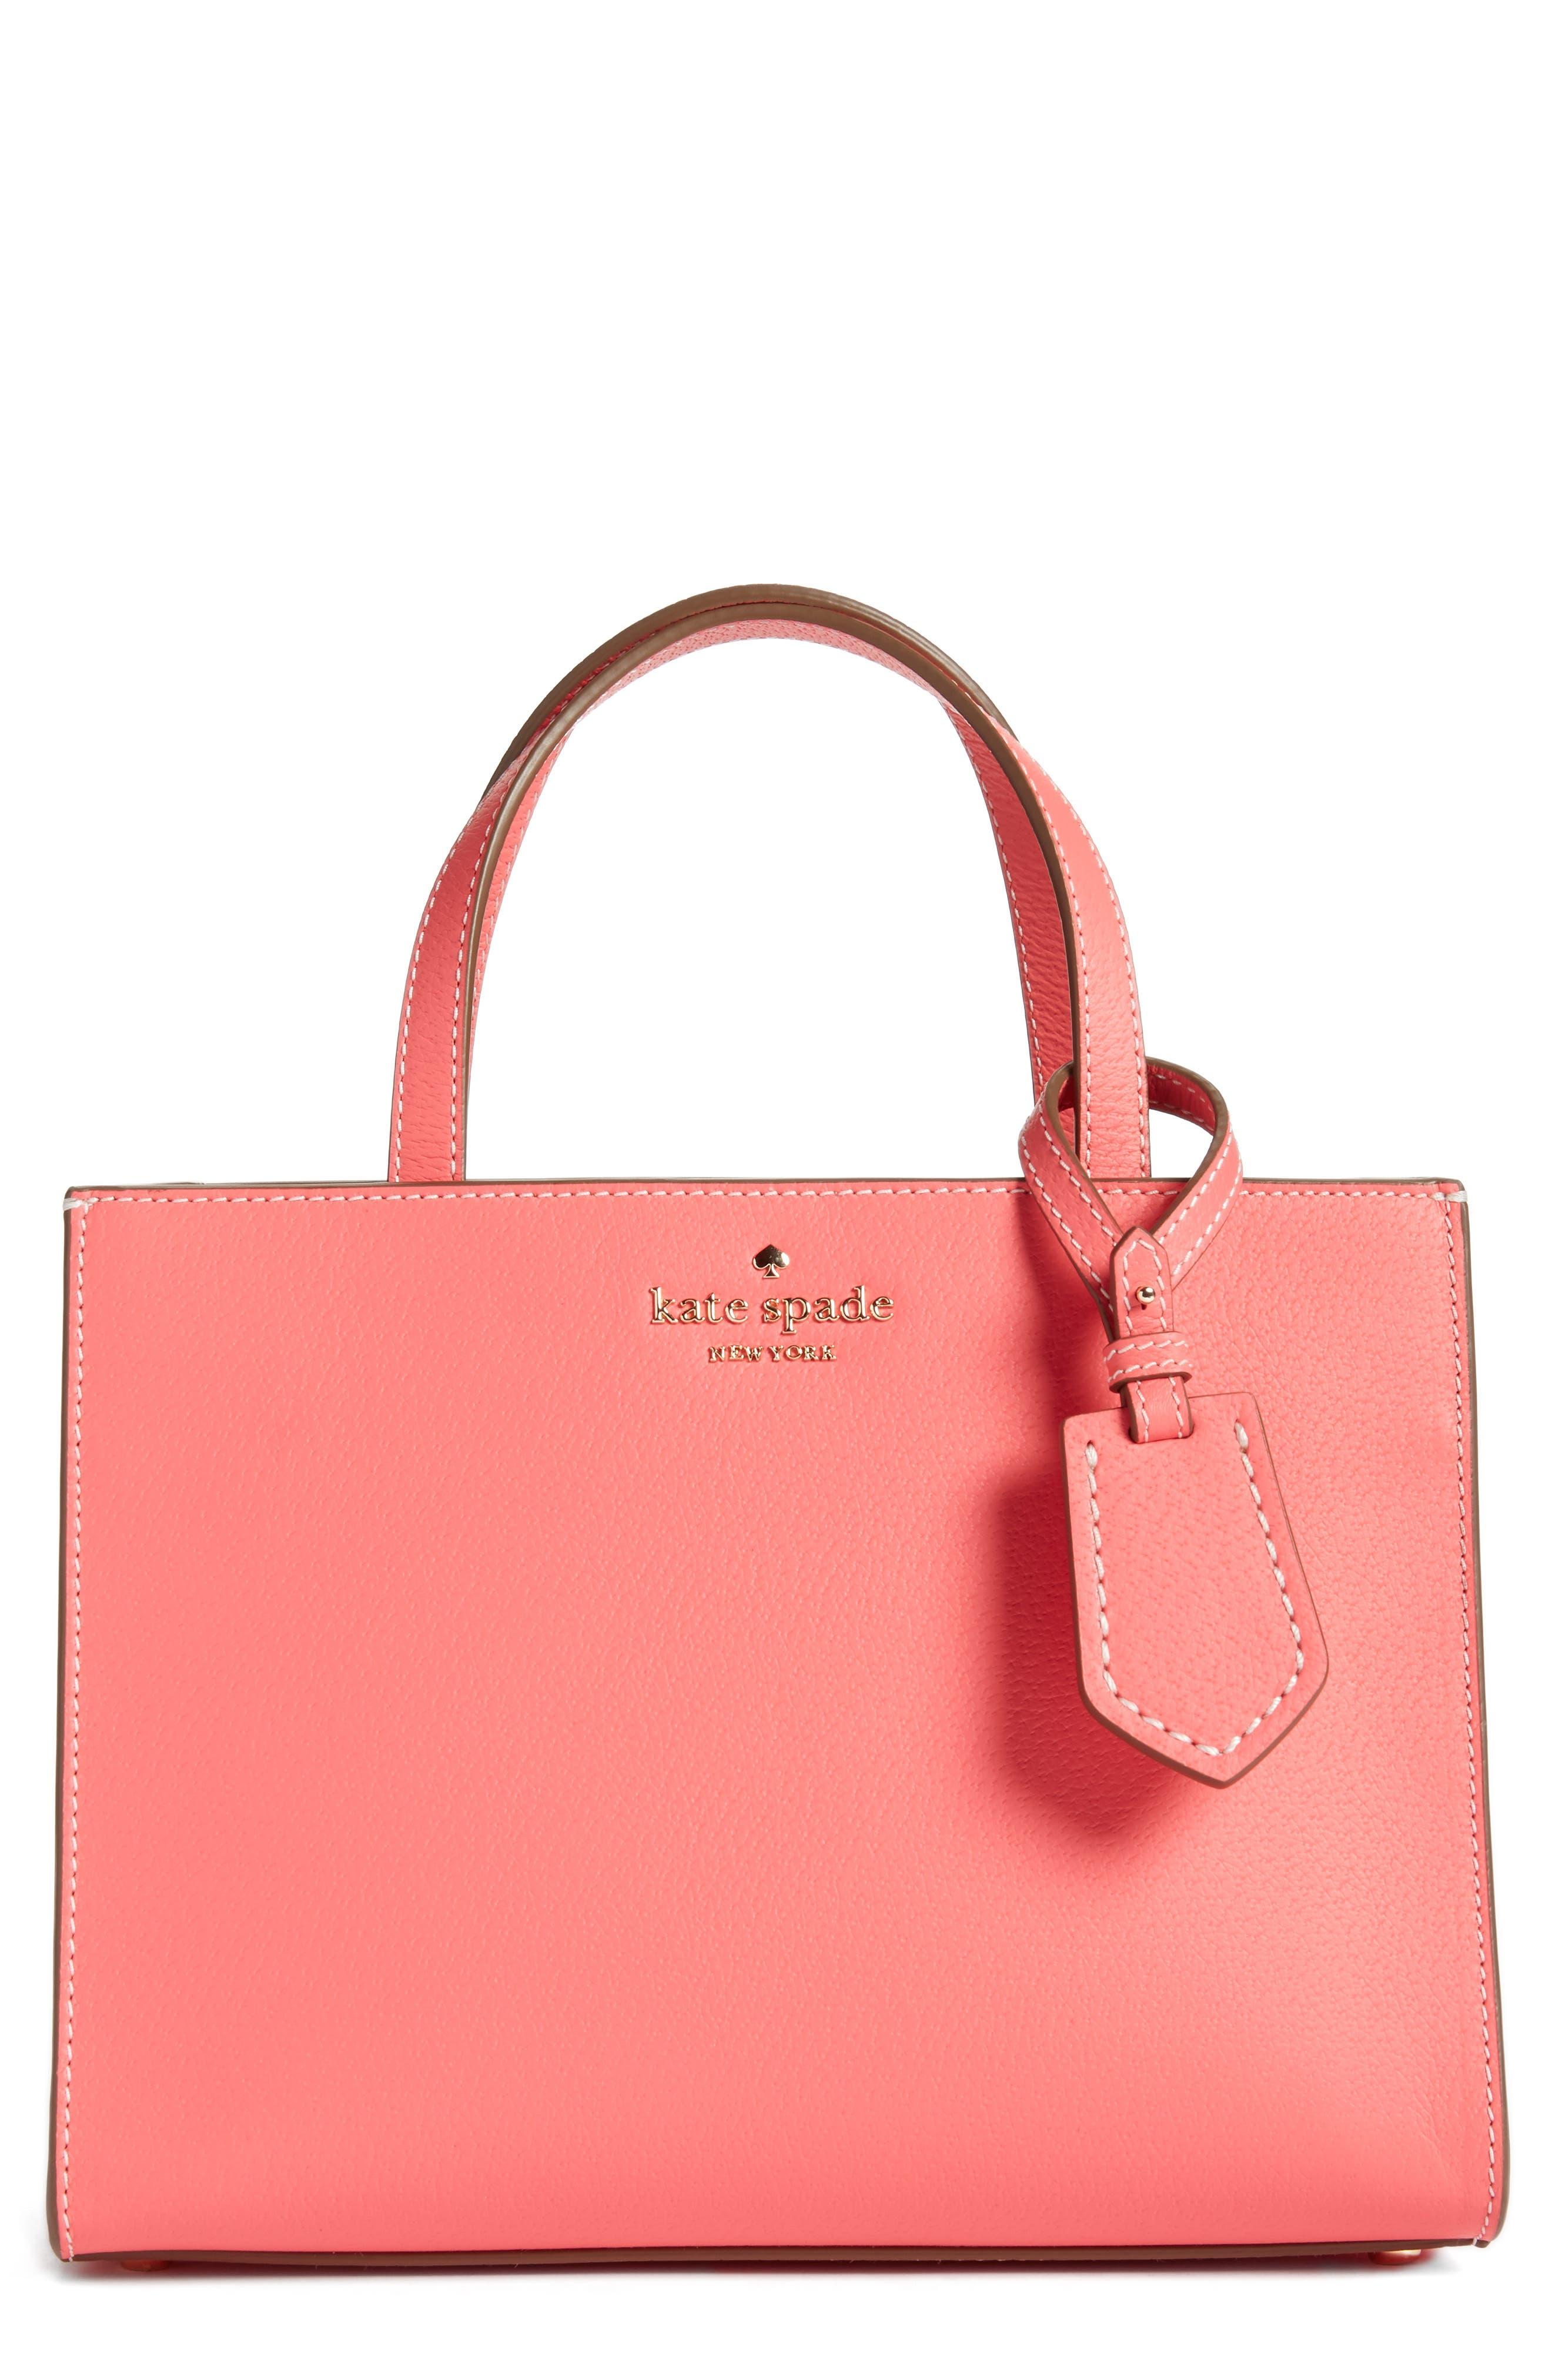 kate spade new york thompson street - sam handbag